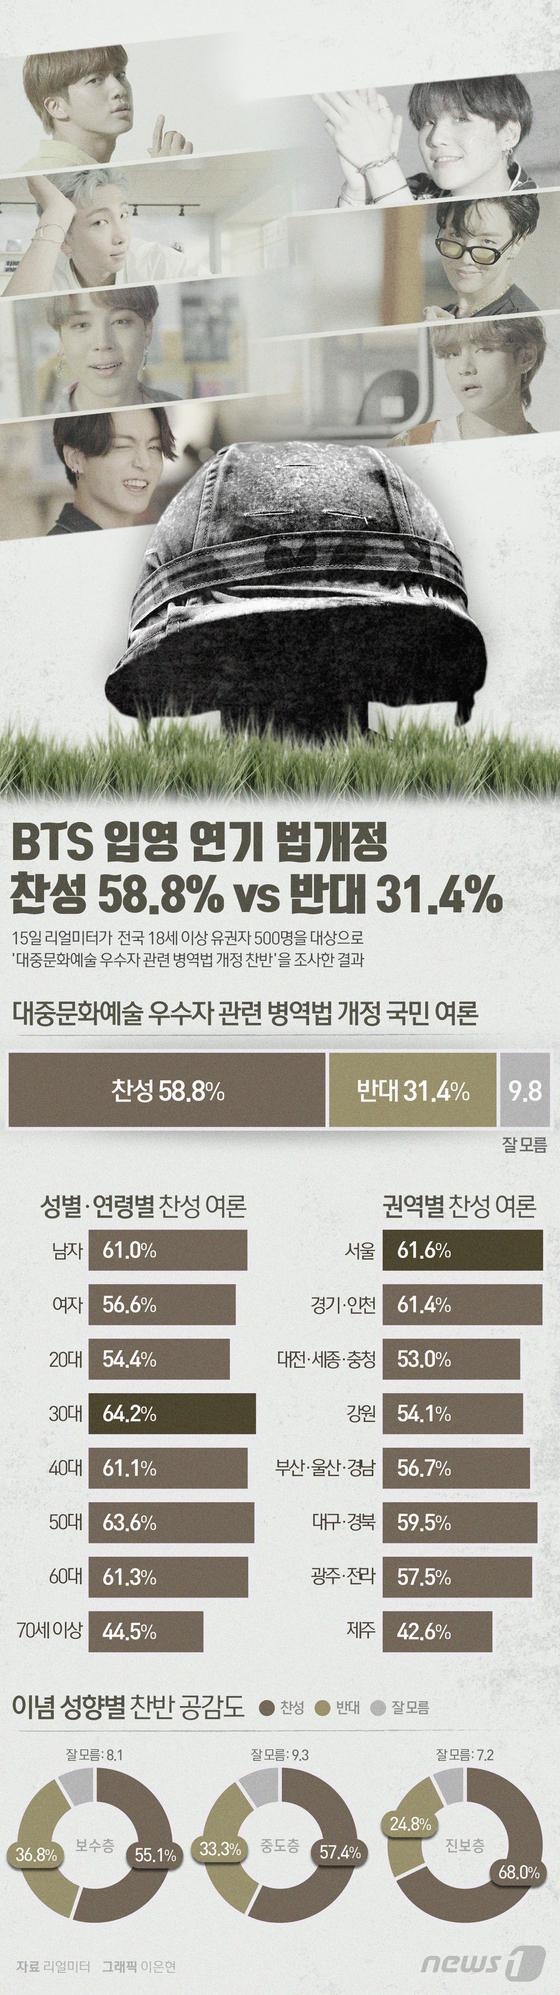 [그래픽뉴스] BTS 입영 연기 법개정 찬성 58.8%